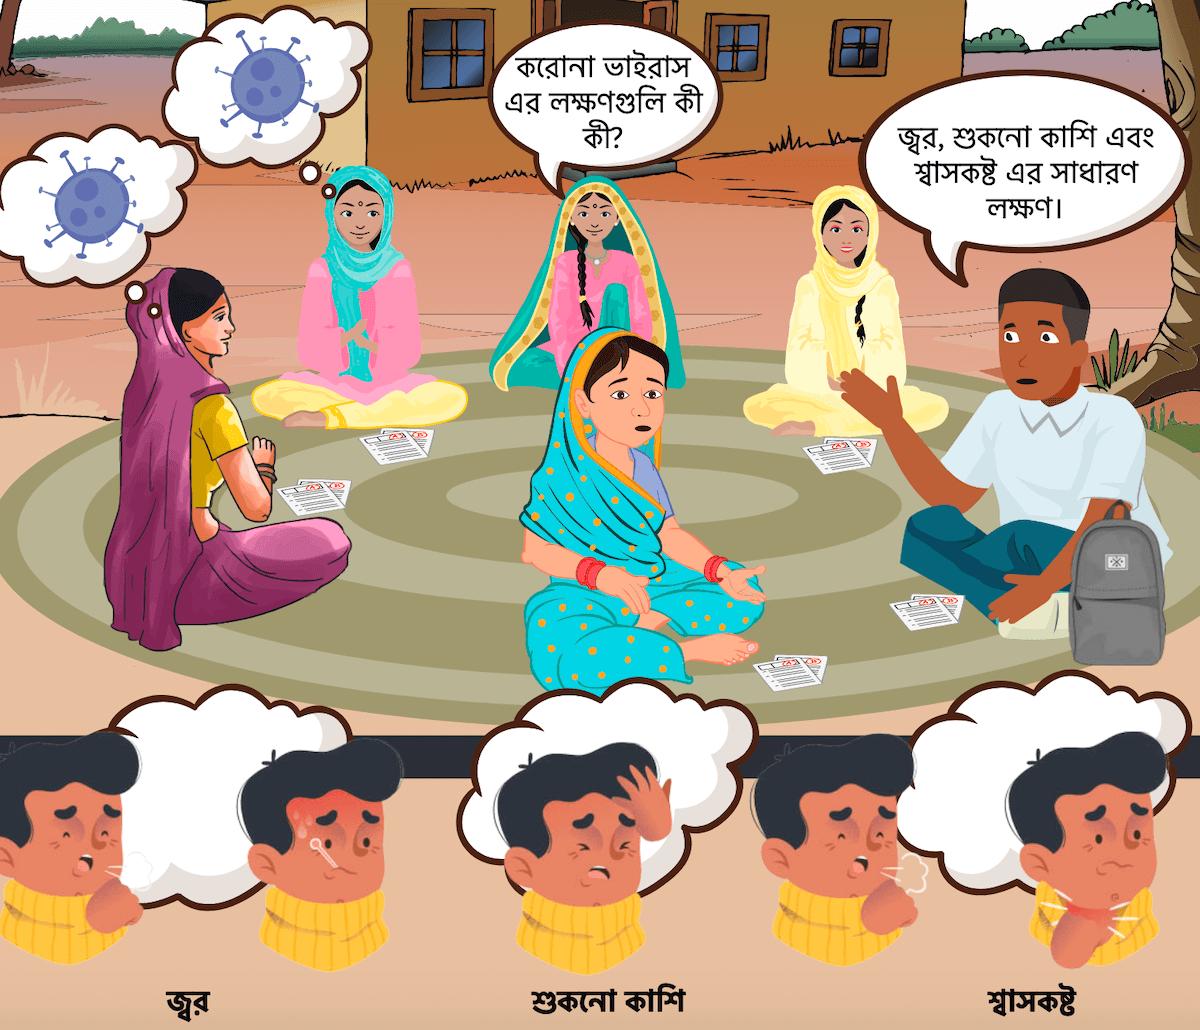 The comics have been translated into Bengali, Hindi and Bangla.